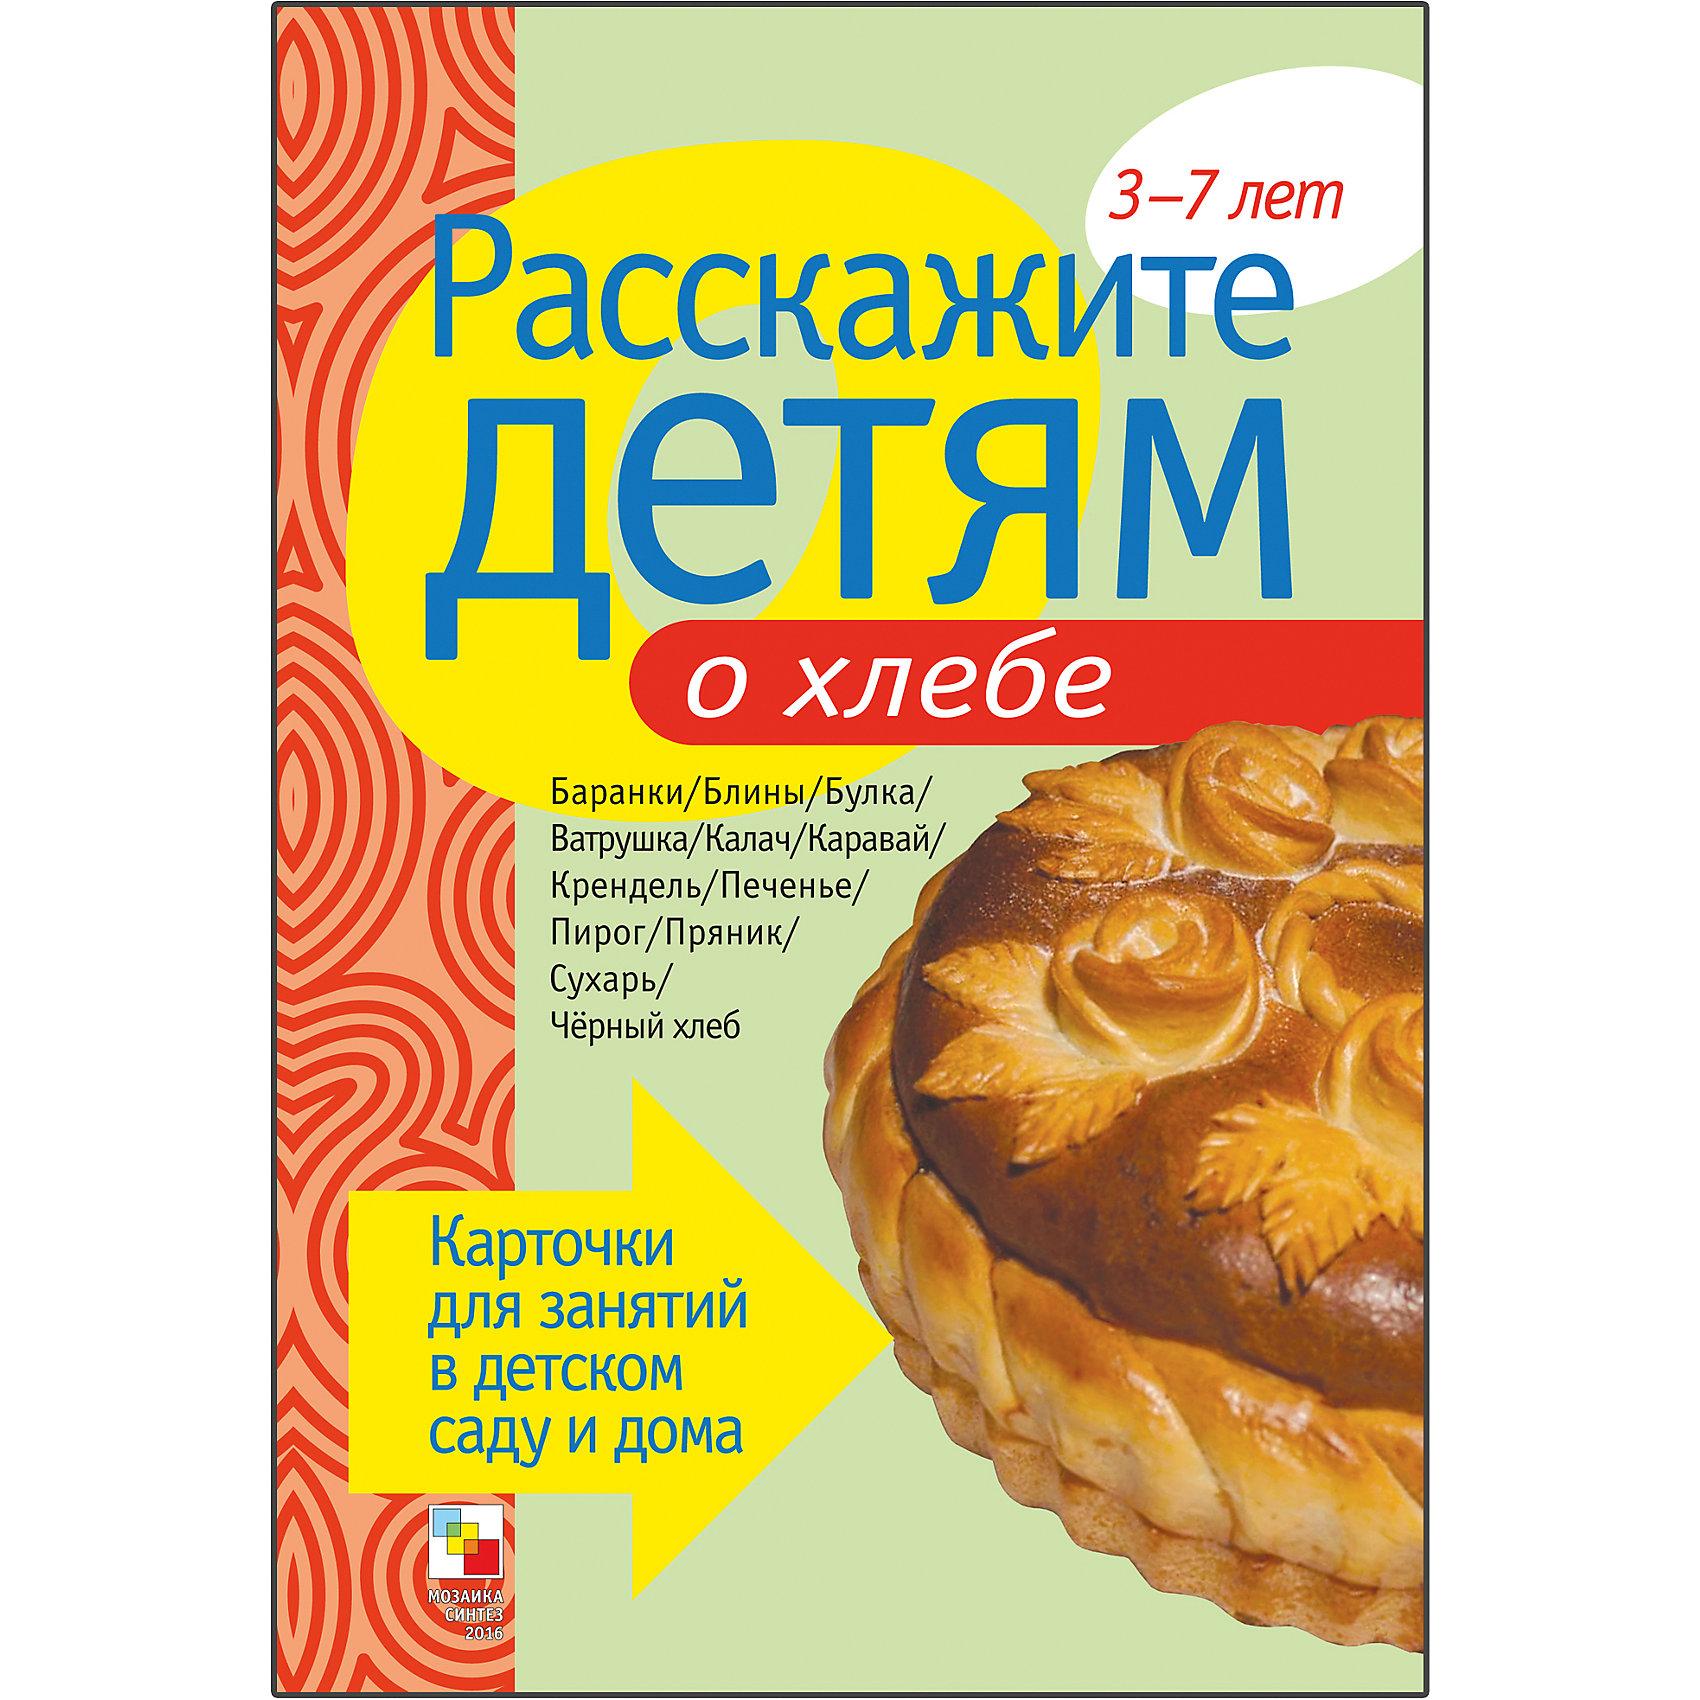 Пособие Расскажите детям о хлебе, Мозаика-СинтезРазвивающие игры<br>Пособие Расскажите детям о хлебе, Мозаика-Синтез<br><br>Характеристики:<br><br>• Издательство: МОЗАИКА-СИНТЕЗ<br>• ISBN: 9785867758097<br>• Тип: папка с карточками, обложка твердая.<br>• Возраст: от 3-7 лет.<br>• Размер книги: 210х150х5 мм.<br>• Количество страниц: 12<br><br>Пособие с яркими четкими картинками поможет Вам рассказать малышам о хлебе. Они узнают много нового и интересного об одном из самых древних и популярных мучных изделий – блинах, а также о калачах, печенье, традиционных русских баранках и о многих других вкусных изделиях. <br><br>На оборотной стороне карточек содержатся необходимые сведения, стихи, поговорки и загадки о них. Эта информация поможет сделать ваш рассказ увлекательным и познавательным для каждого малыша.<br><br>Пособие Расскажите детям о хлебе, Мозаика-Синтез, можно купить в нашем интернет – магазине.<br><br>Ширина мм: 5<br>Глубина мм: 150<br>Высота мм: 210<br>Вес г: 114<br>Возраст от месяцев: 36<br>Возраст до месяцев: 84<br>Пол: Унисекс<br>Возраст: Детский<br>SKU: 5428929